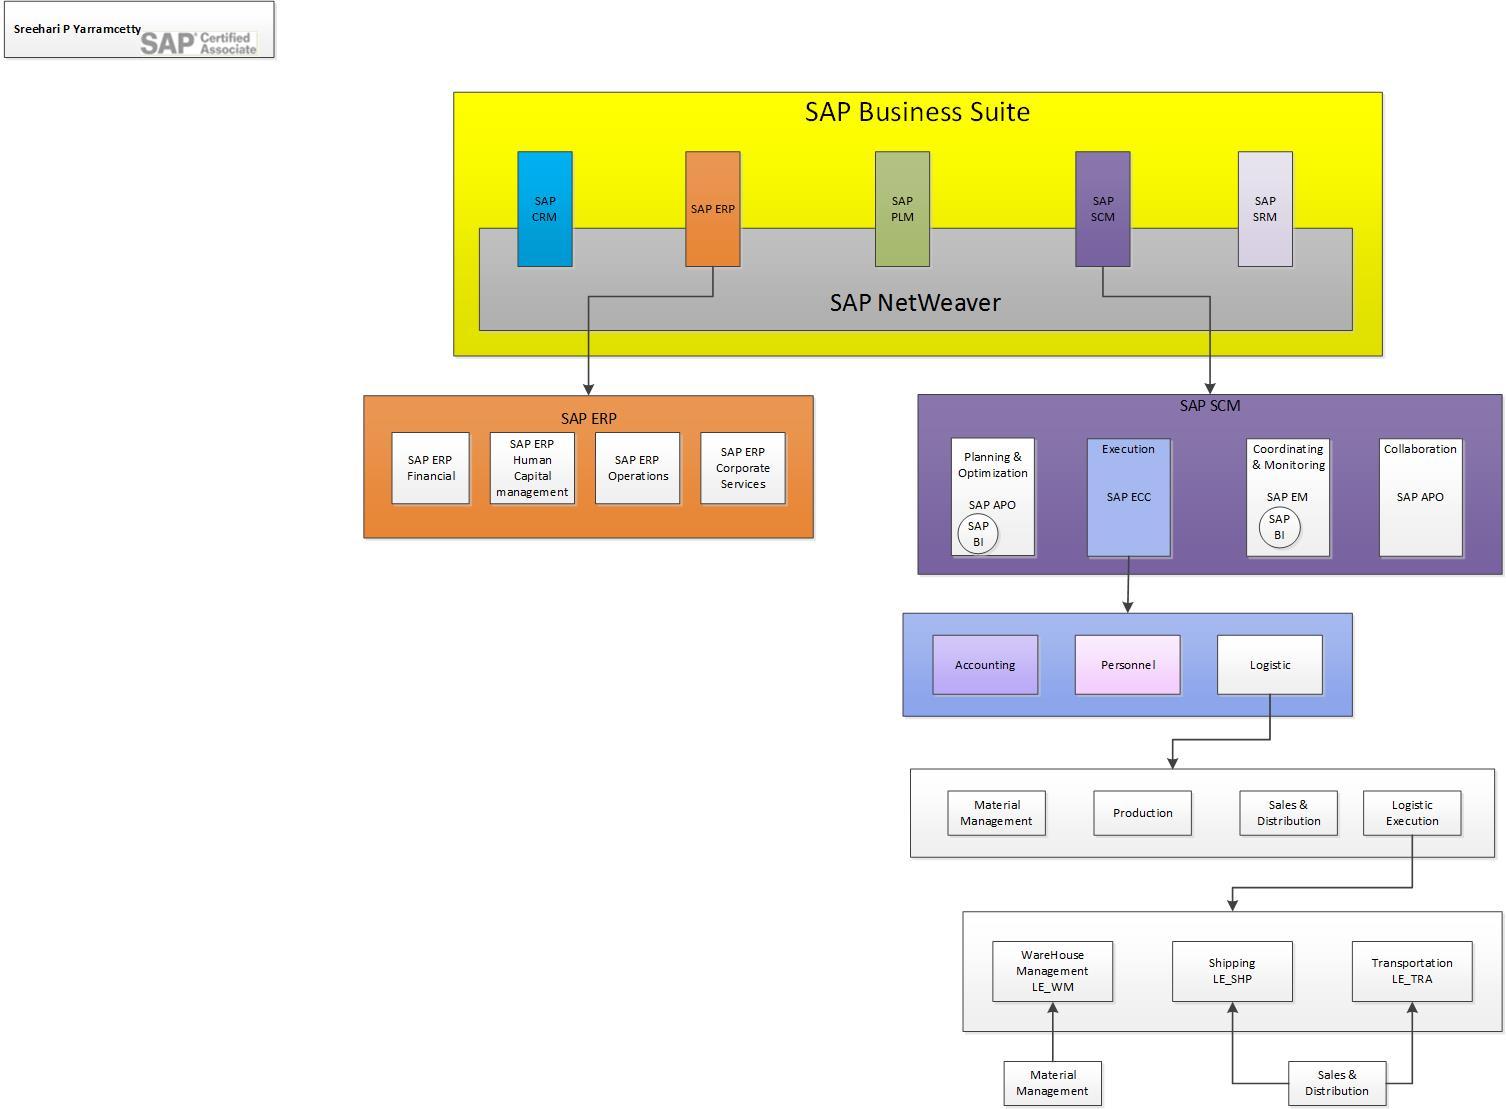 sap architecture diagram [ 1506 x 1109 Pixel ]